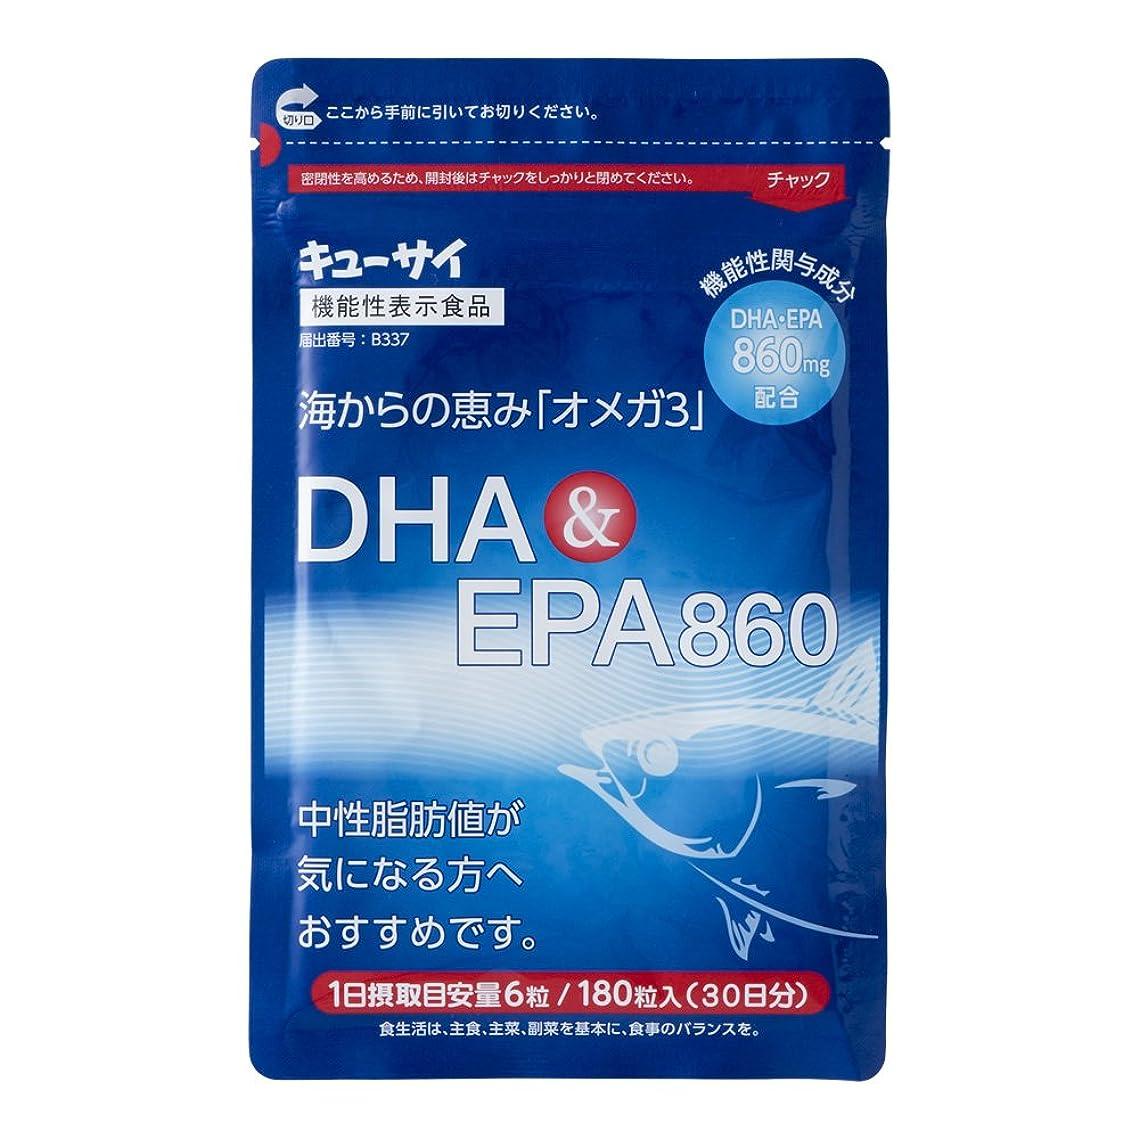 考案するフォーラムすりキューサイ/DHA&EPA860/オメガ3/81.0g(450mg×180粒)(約30日分)/ソフトカプセルタイプ/ 機能性表示食品